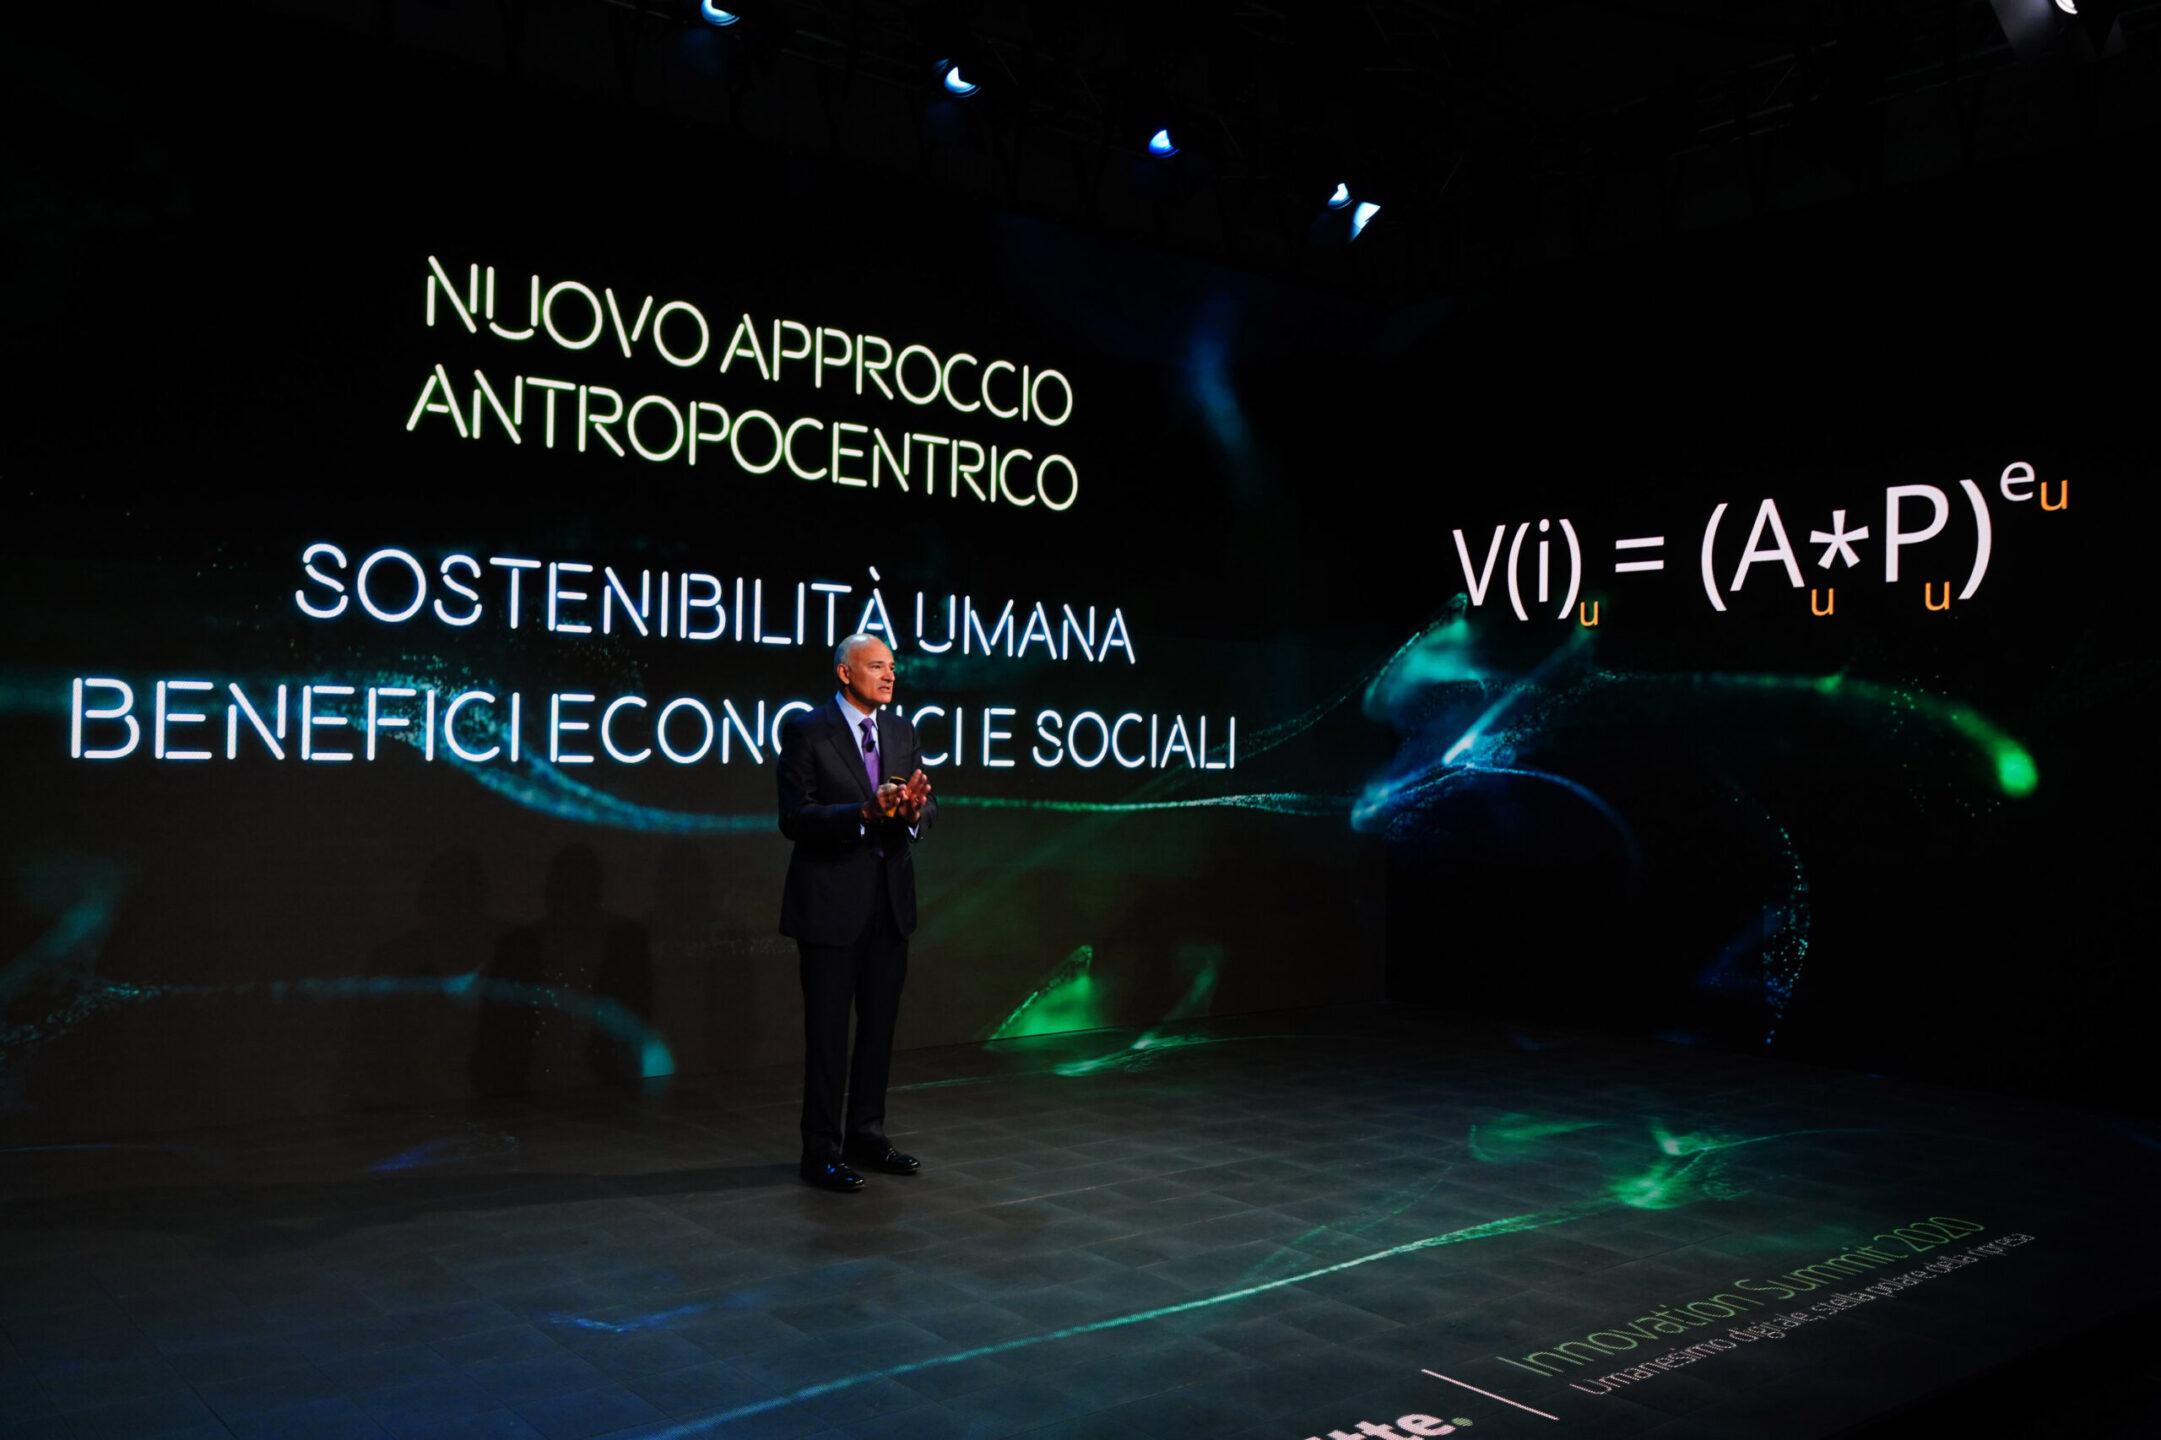 innovation summit di deloitte, andrea poggi parola al governo